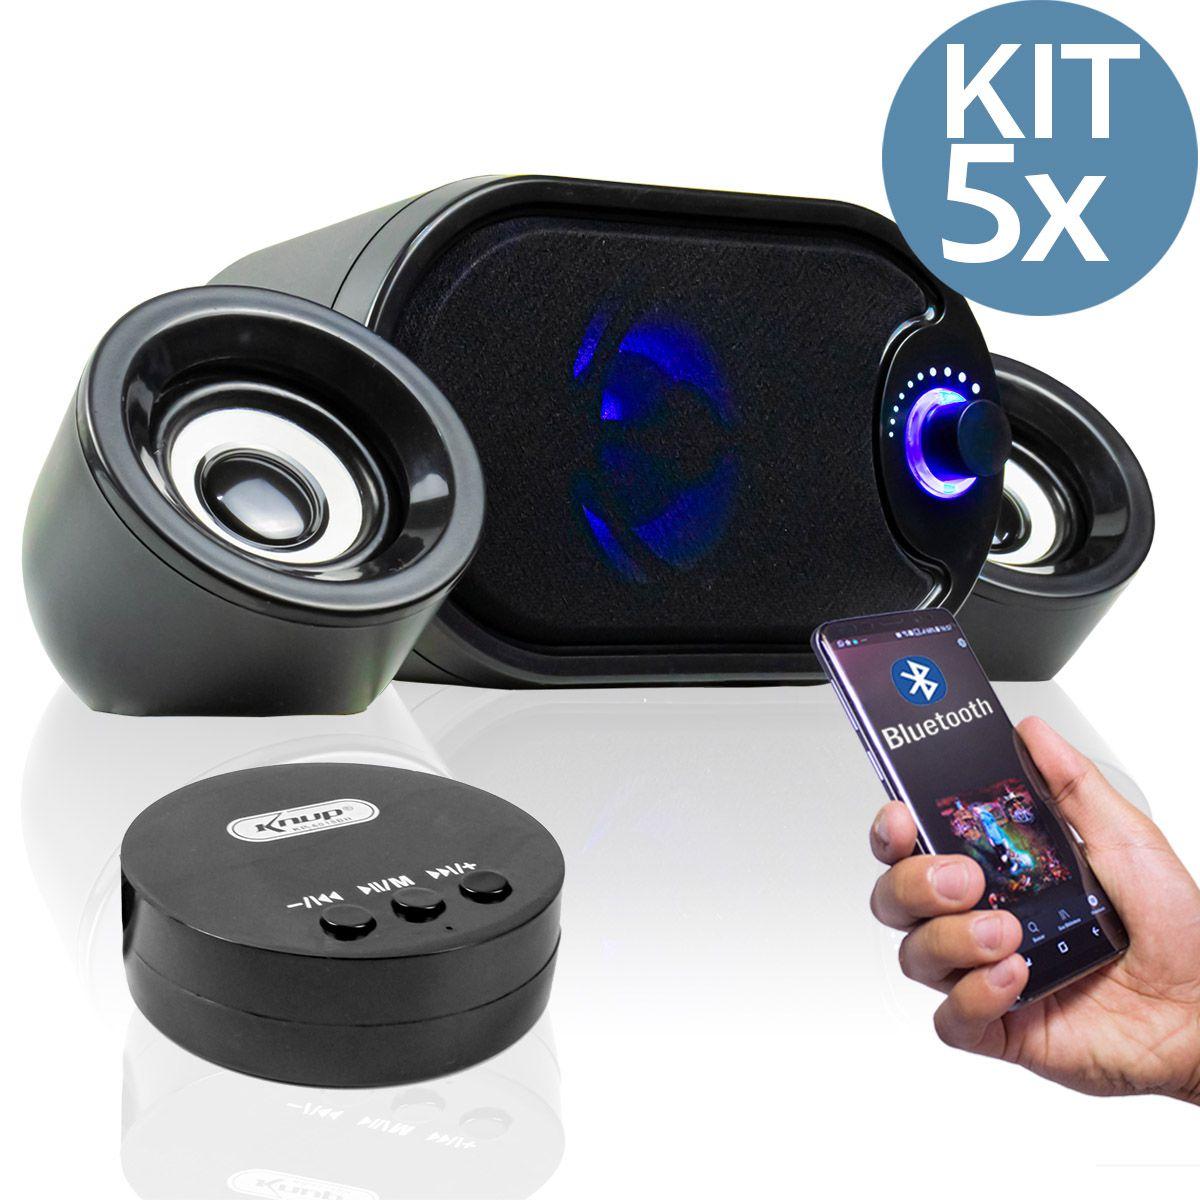 KIT 5x Caixa de Som para PC com Subwoofer e Bluetooth Knup KP-6018BH